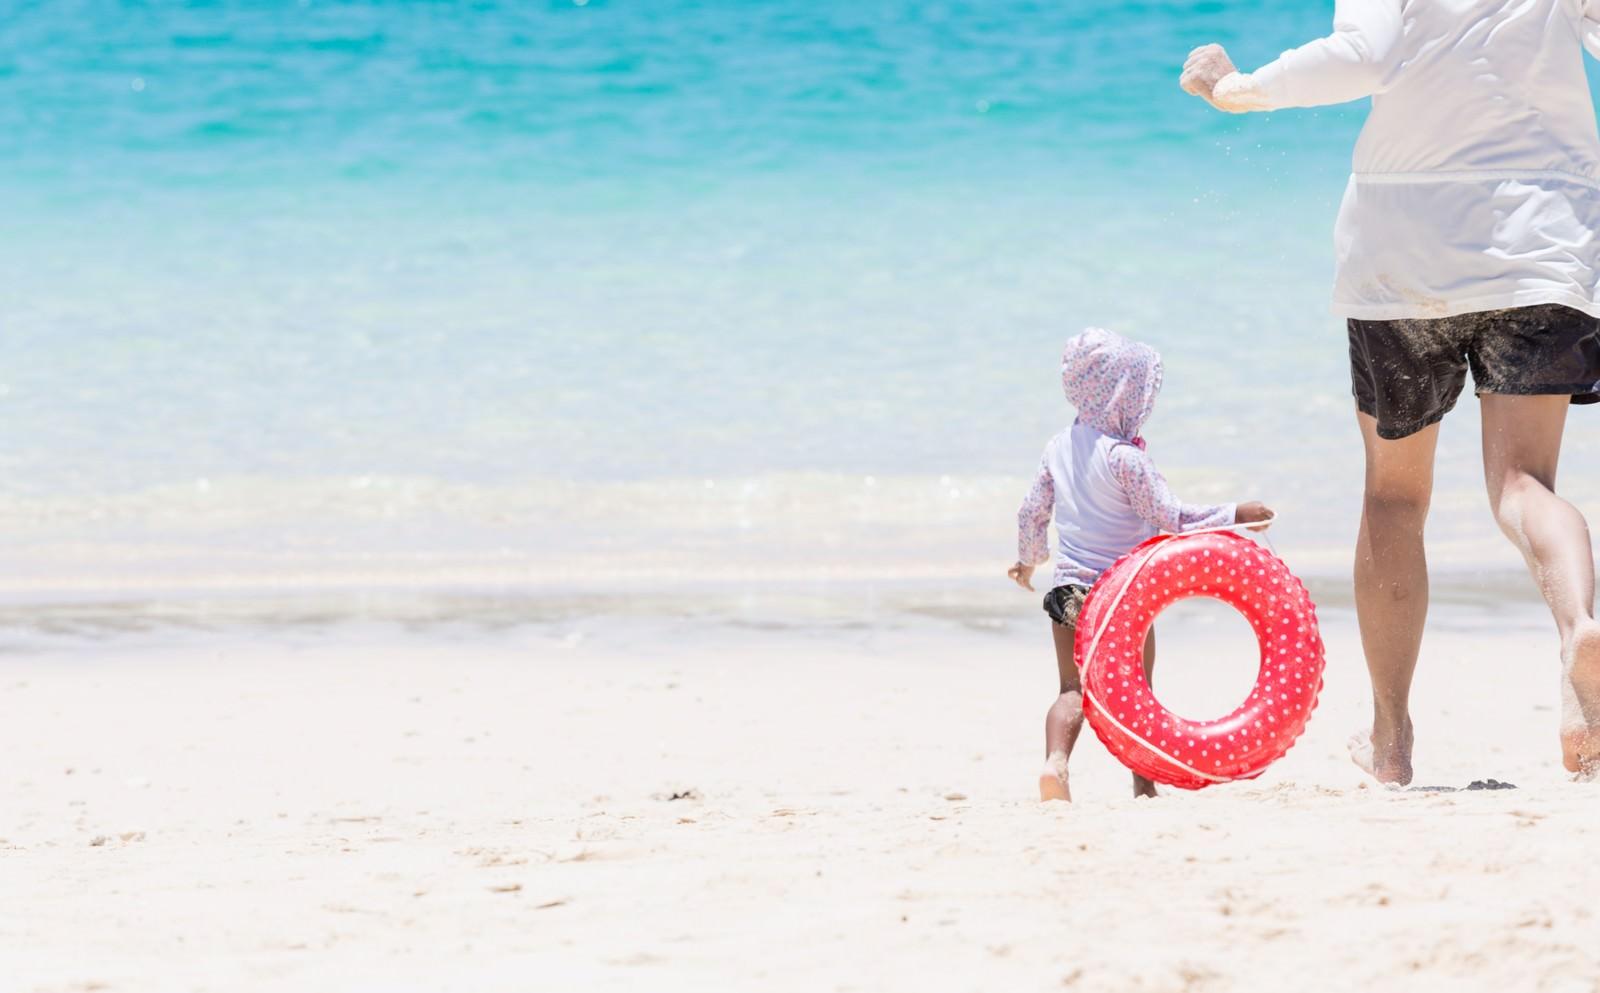 「美しい海で追いかけっこする親子美しい海で追いかけっこする親子」のフリー写真素材を拡大